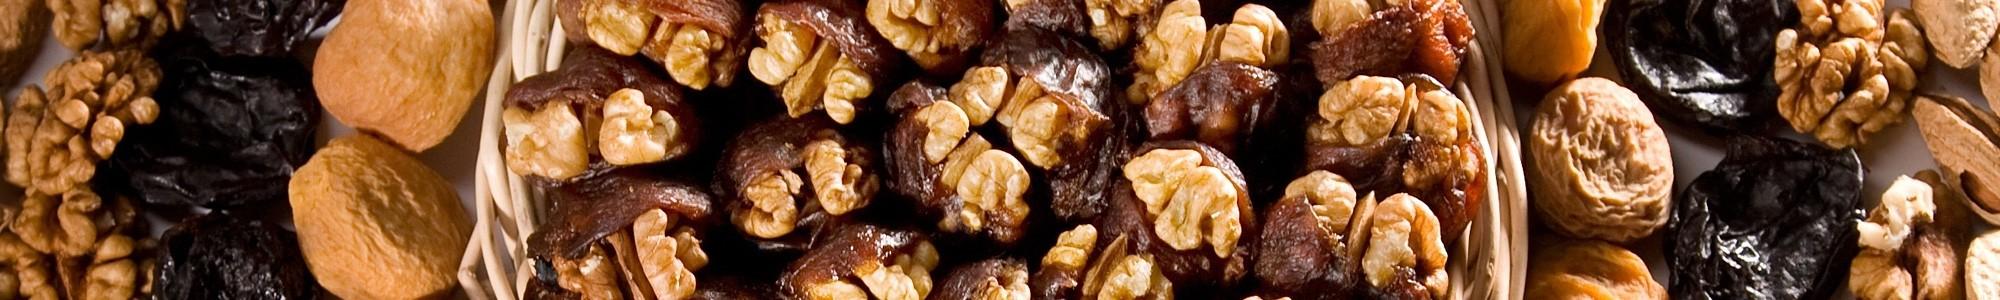 Alani (Dried Fruits & Nuts)